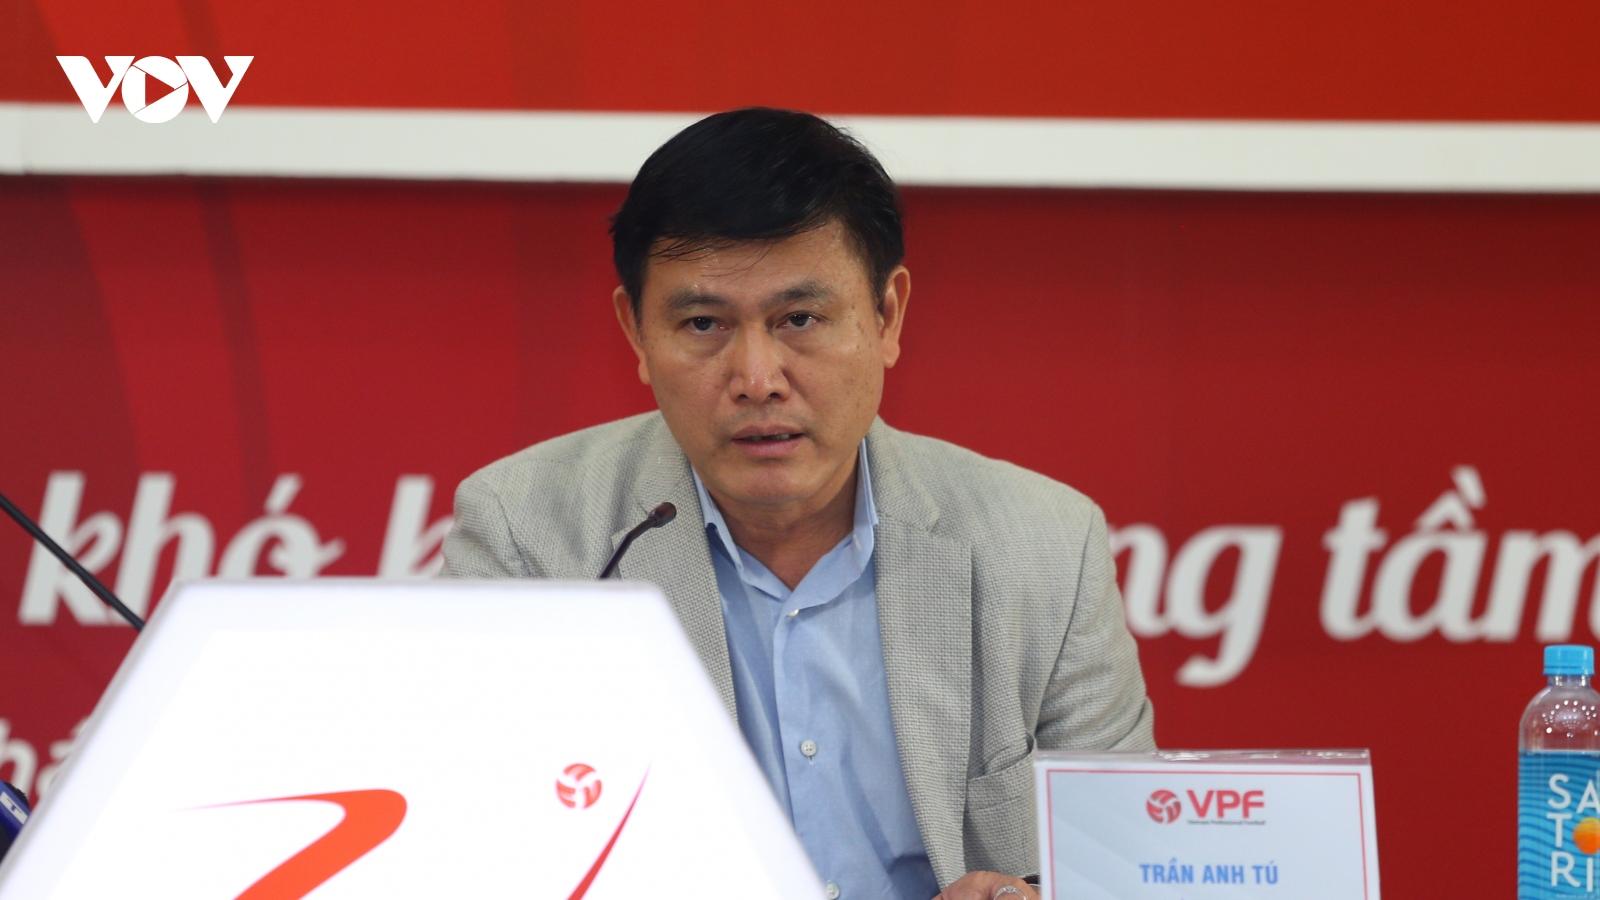 V-League 2021 sắp khởi tranh, nhiều CLB có quyết định bất ngờ